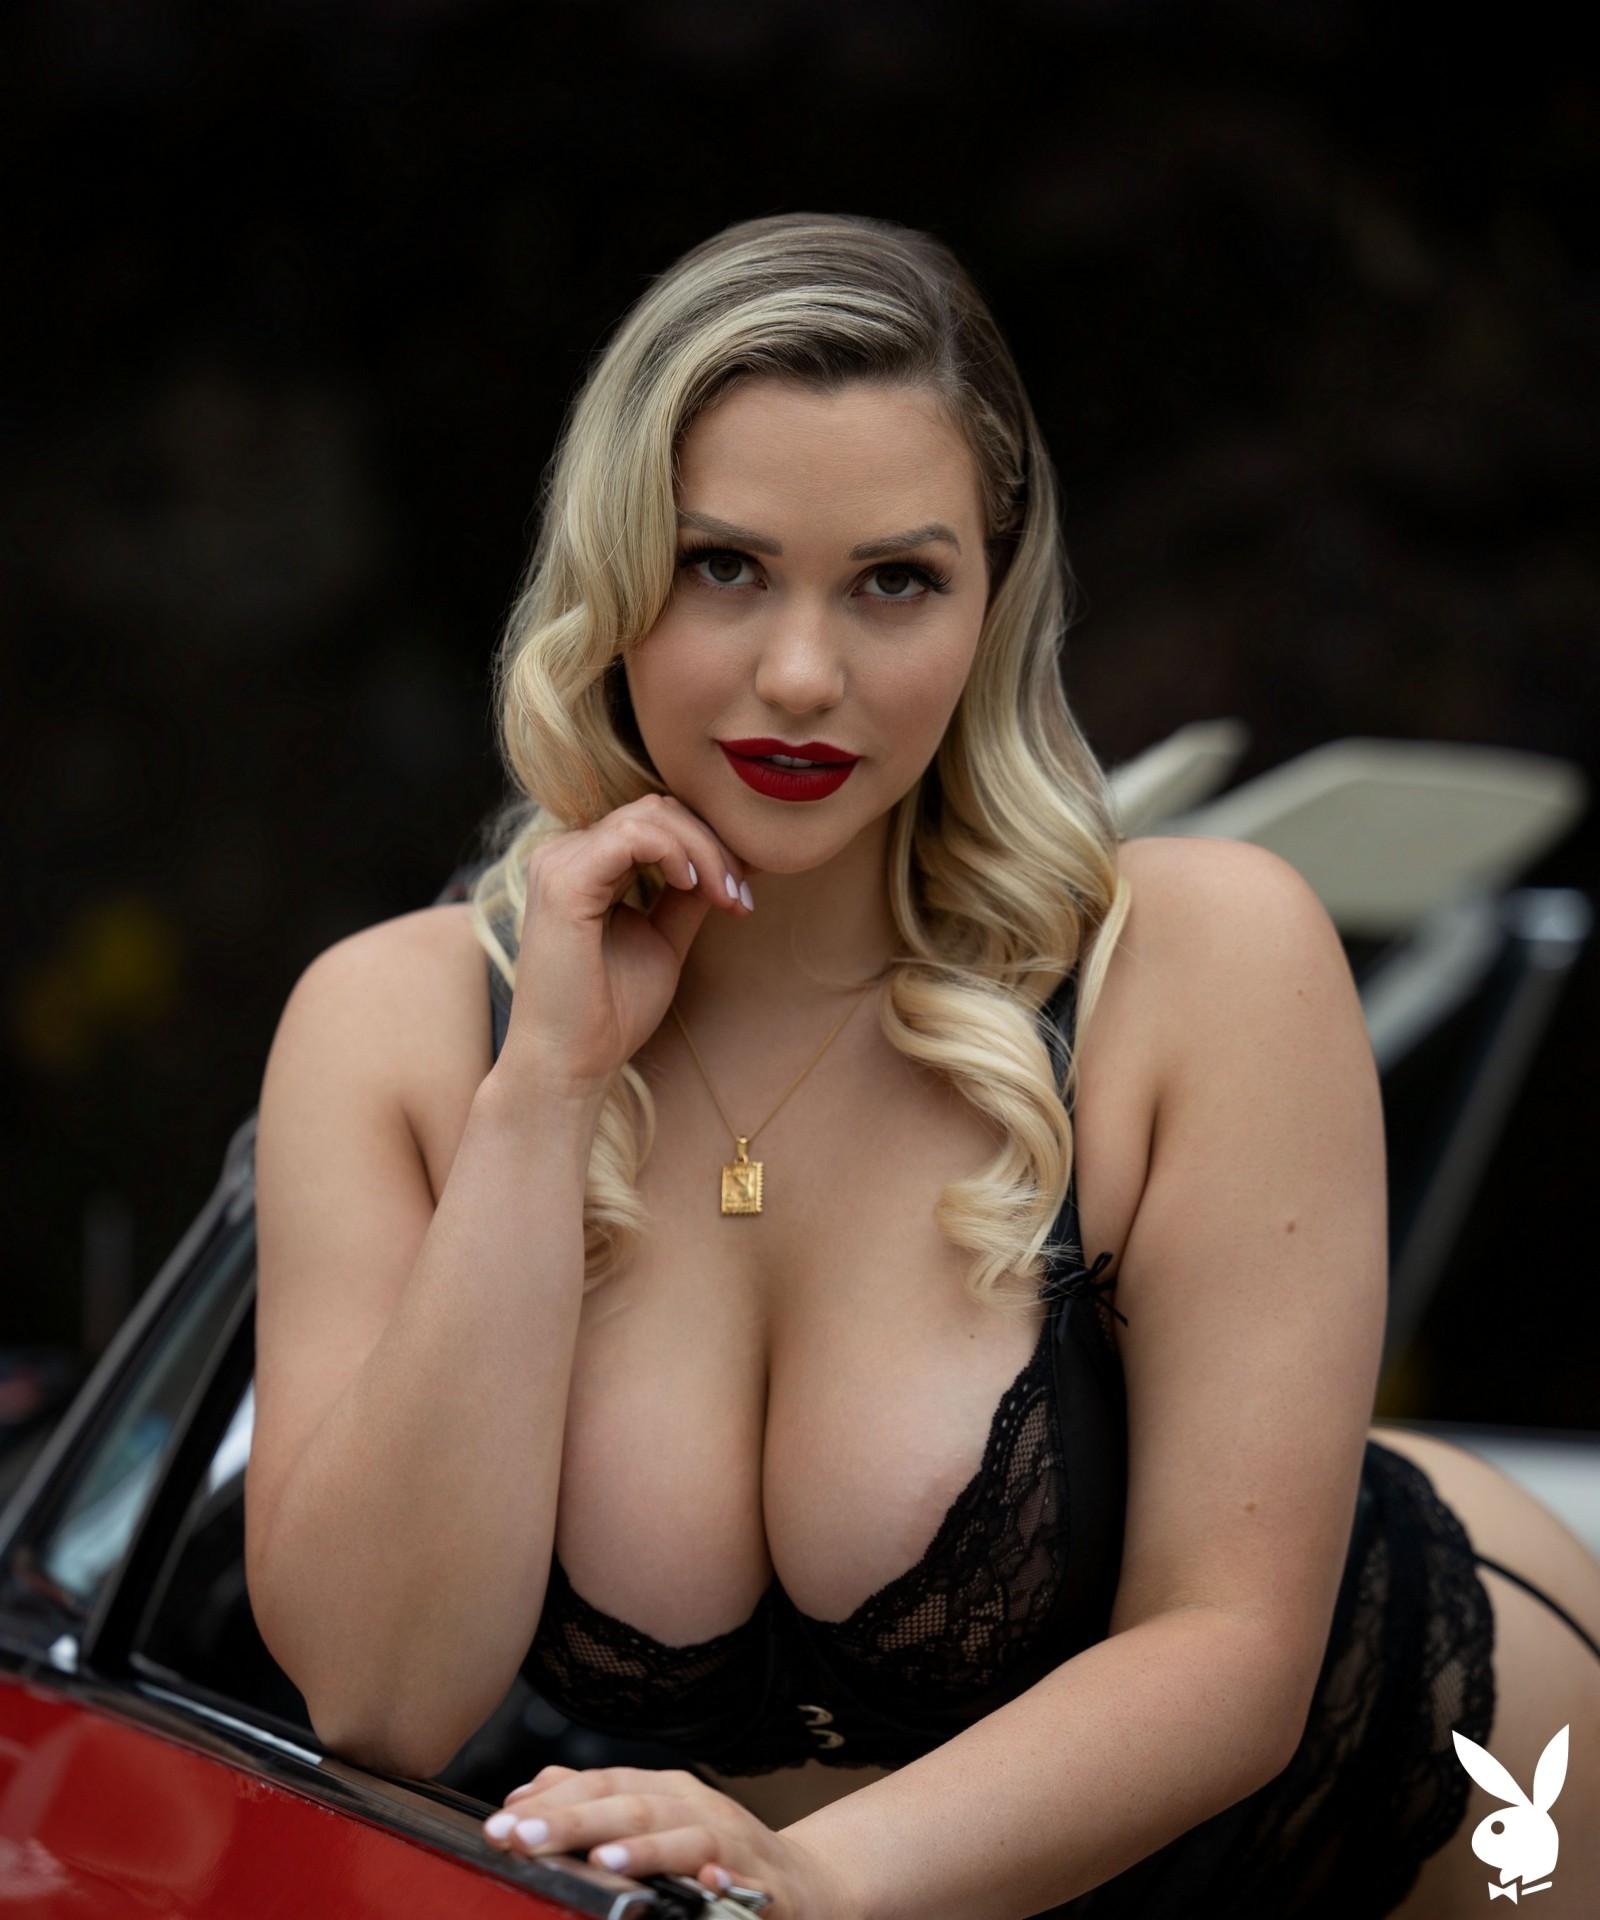 Mia Malkova In Drive Me Wild Playboy Plus (15)